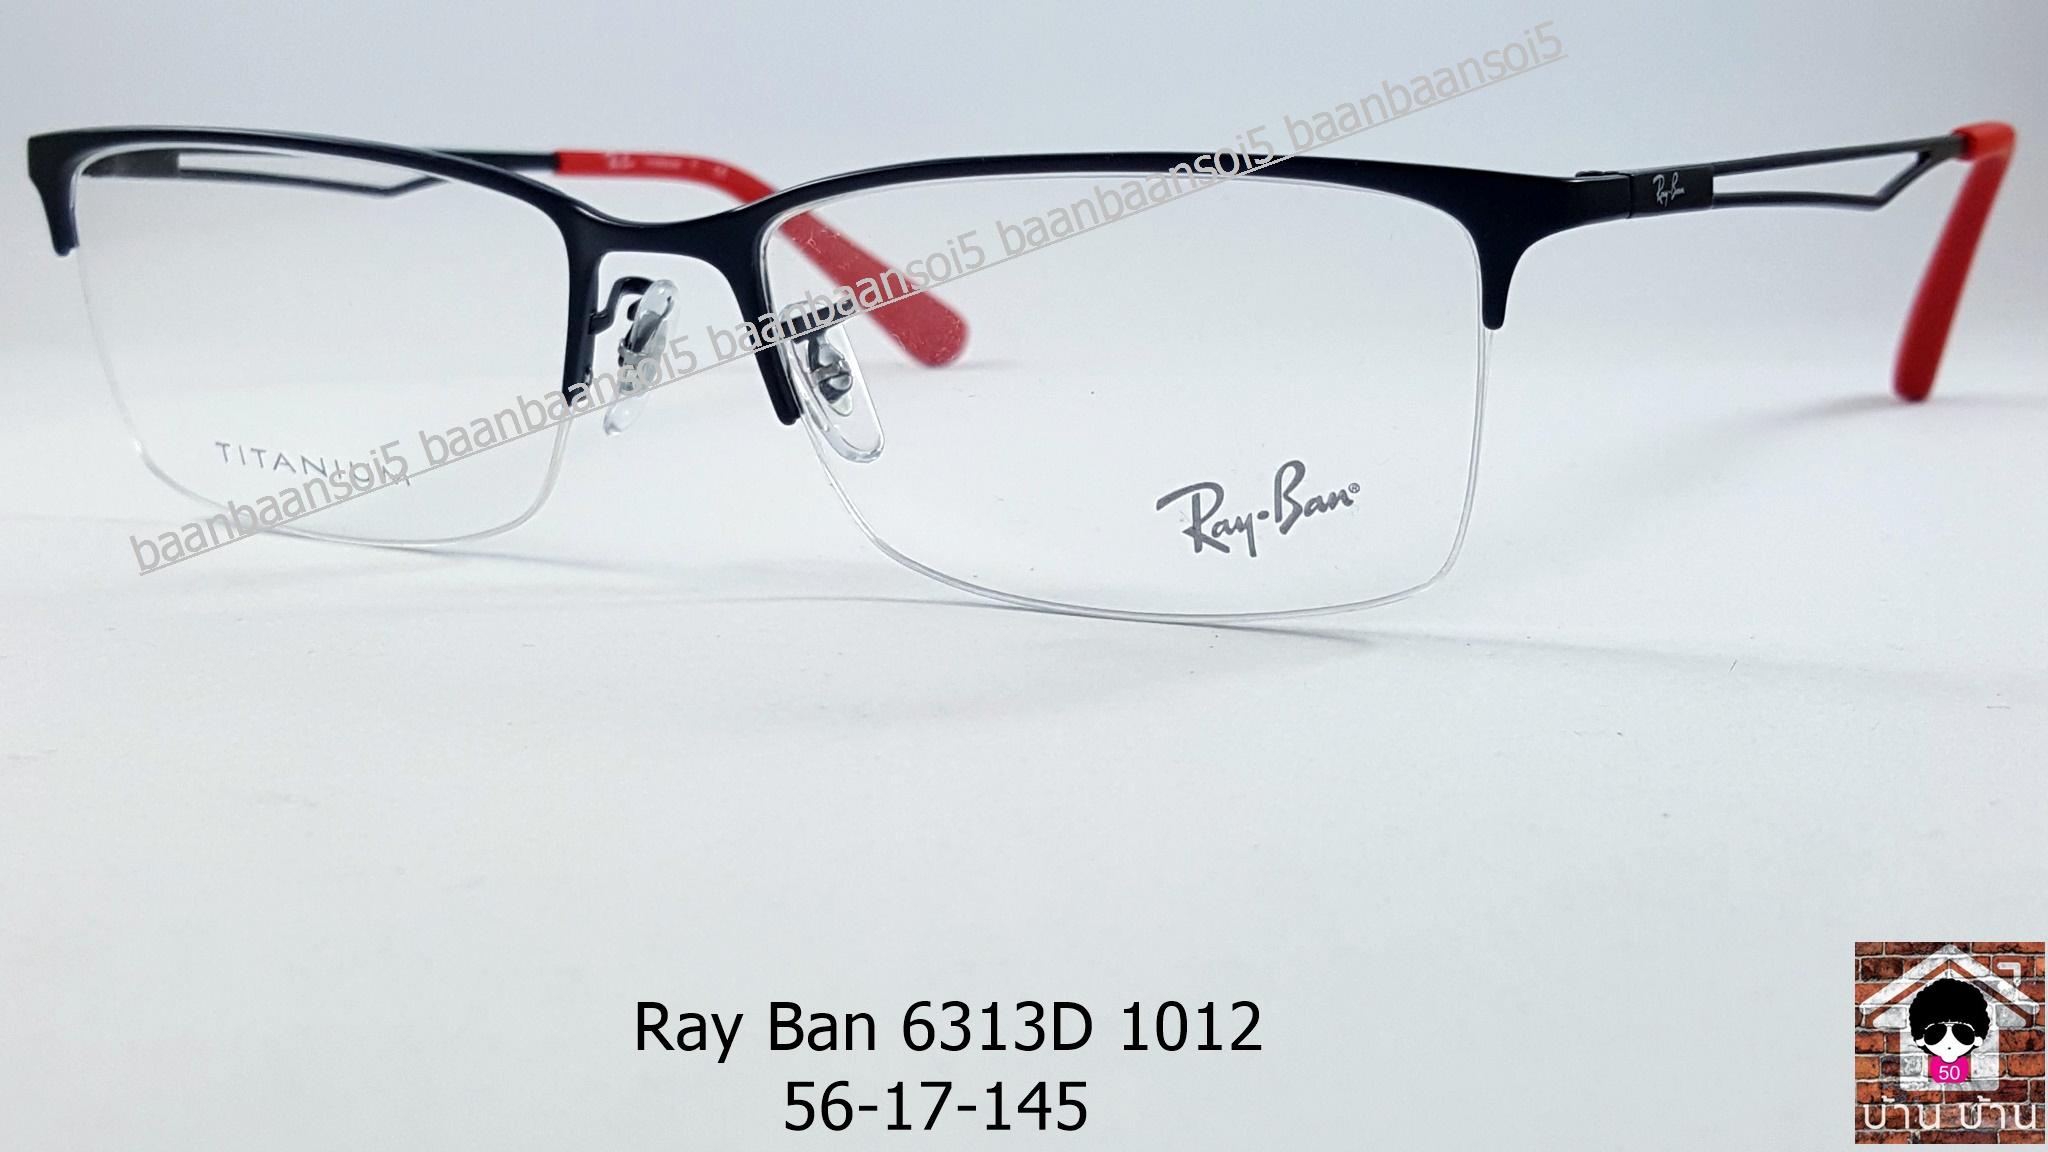 Rayban RX 6313D 1012 โปรโมชั่น กรอบแว่นตาพร้อมเลนส์ HOYA ราคา 3,800 บาท